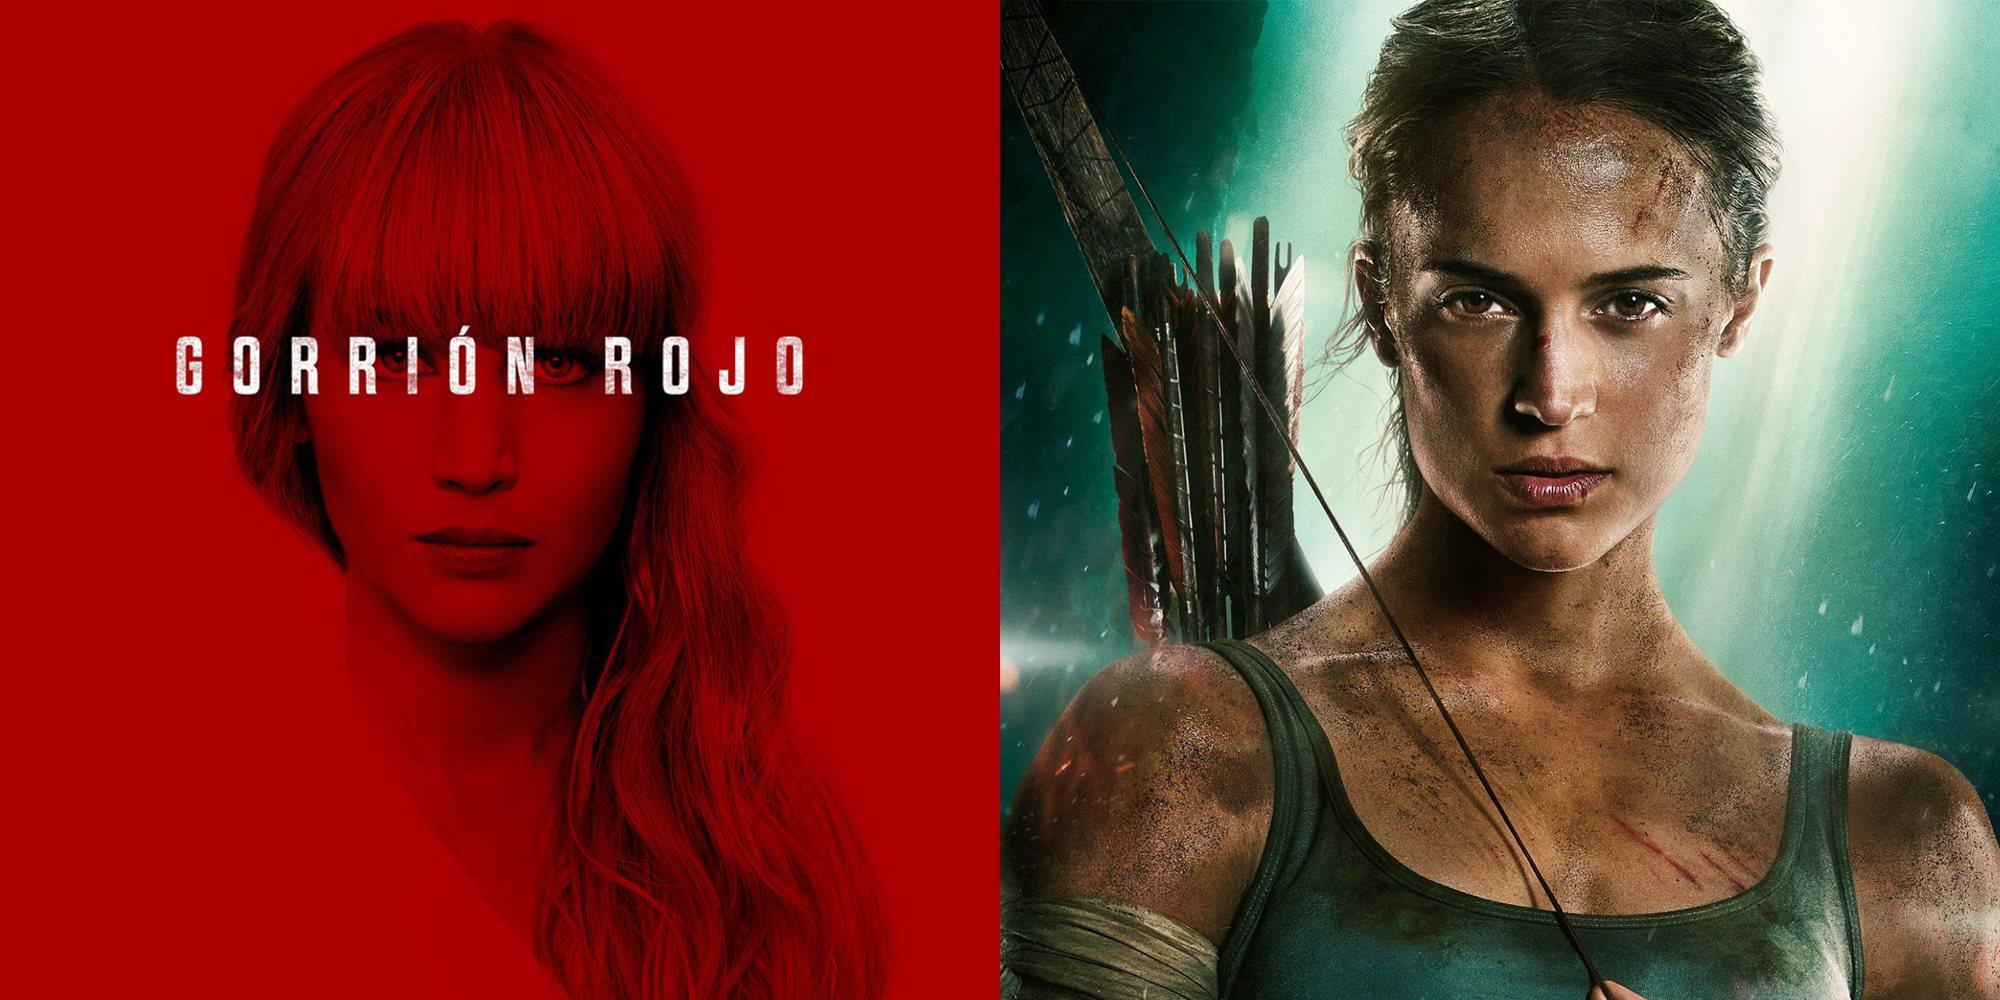 Las 5 películas más esperadas de marzo de 2018